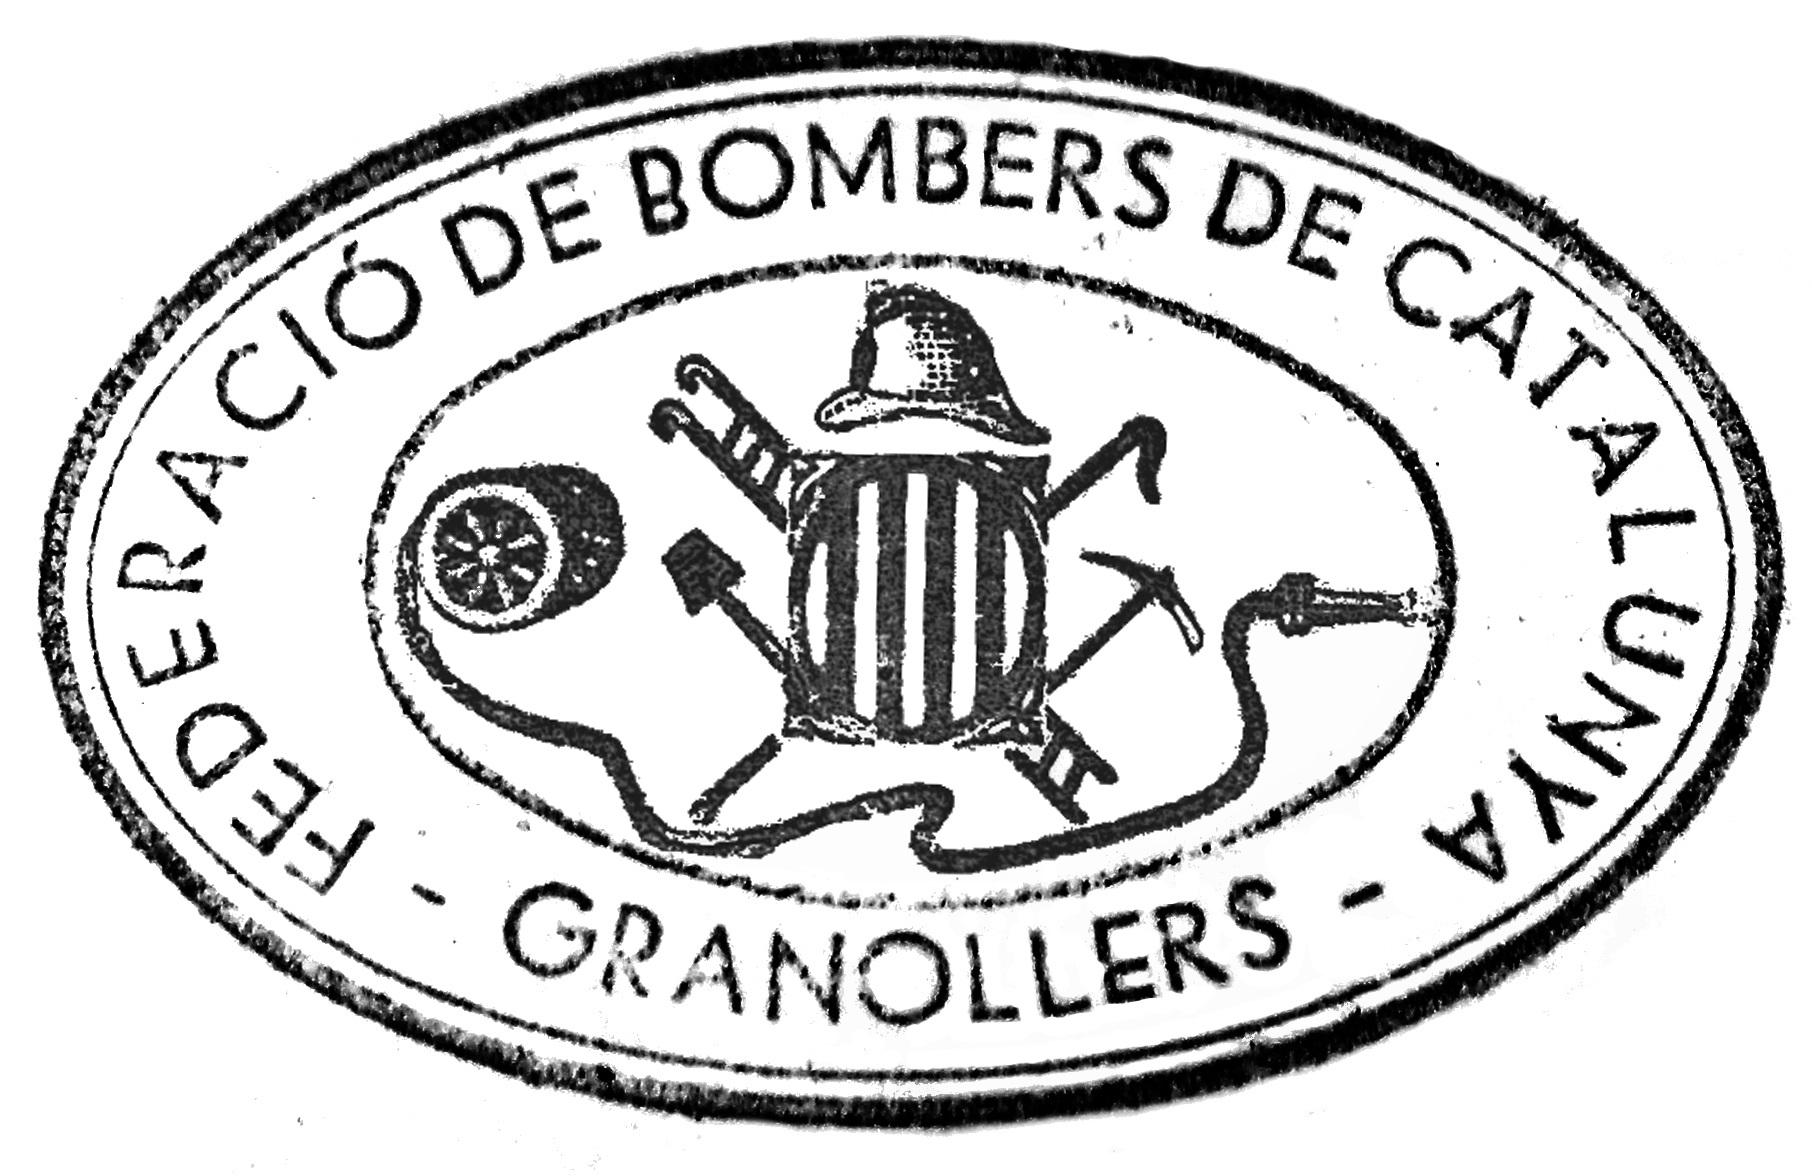 Segell de la secció dels Bombers de Granollers de la Federació de Bombers de Catalunya